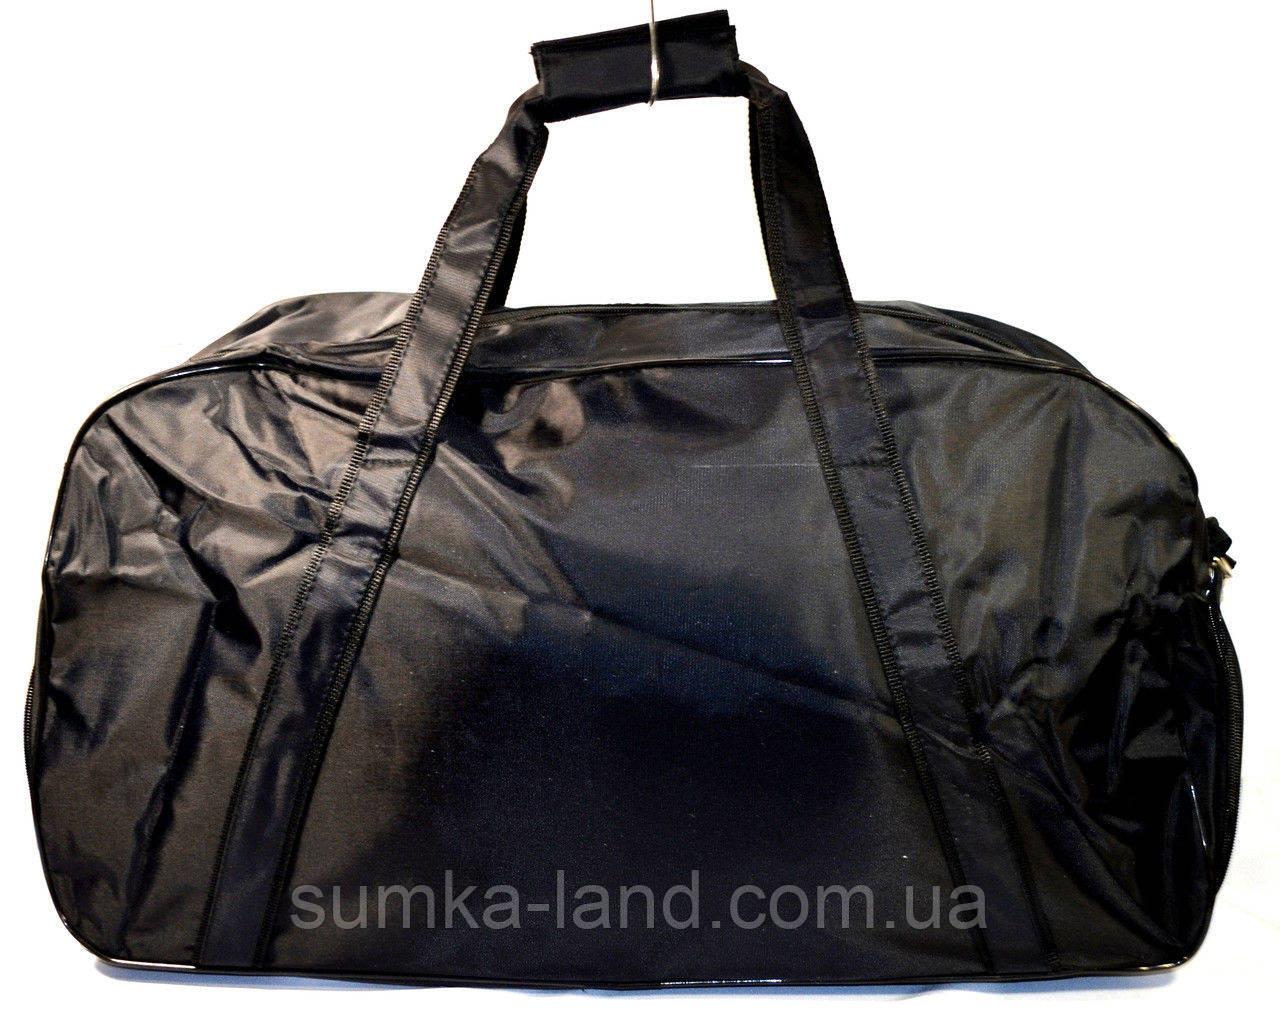 3c87a423c816 Спортивные дорожные сумки БОЛЬШИЕ (Adidas и Nike): продажа, цена в ...